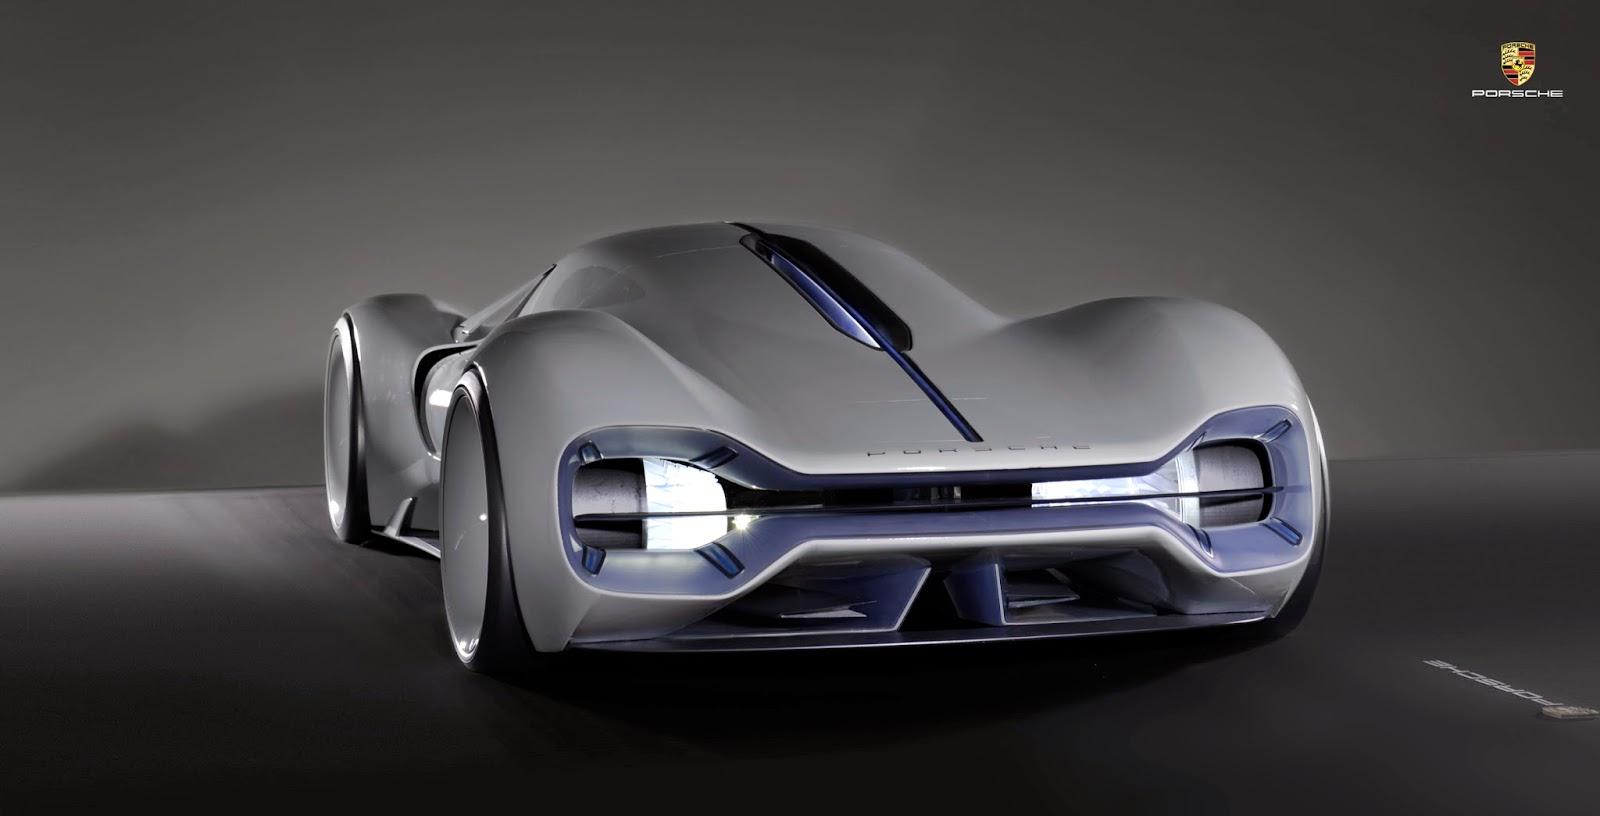 Porsche Electric Le Mans 2035 Prototype Looks Believable